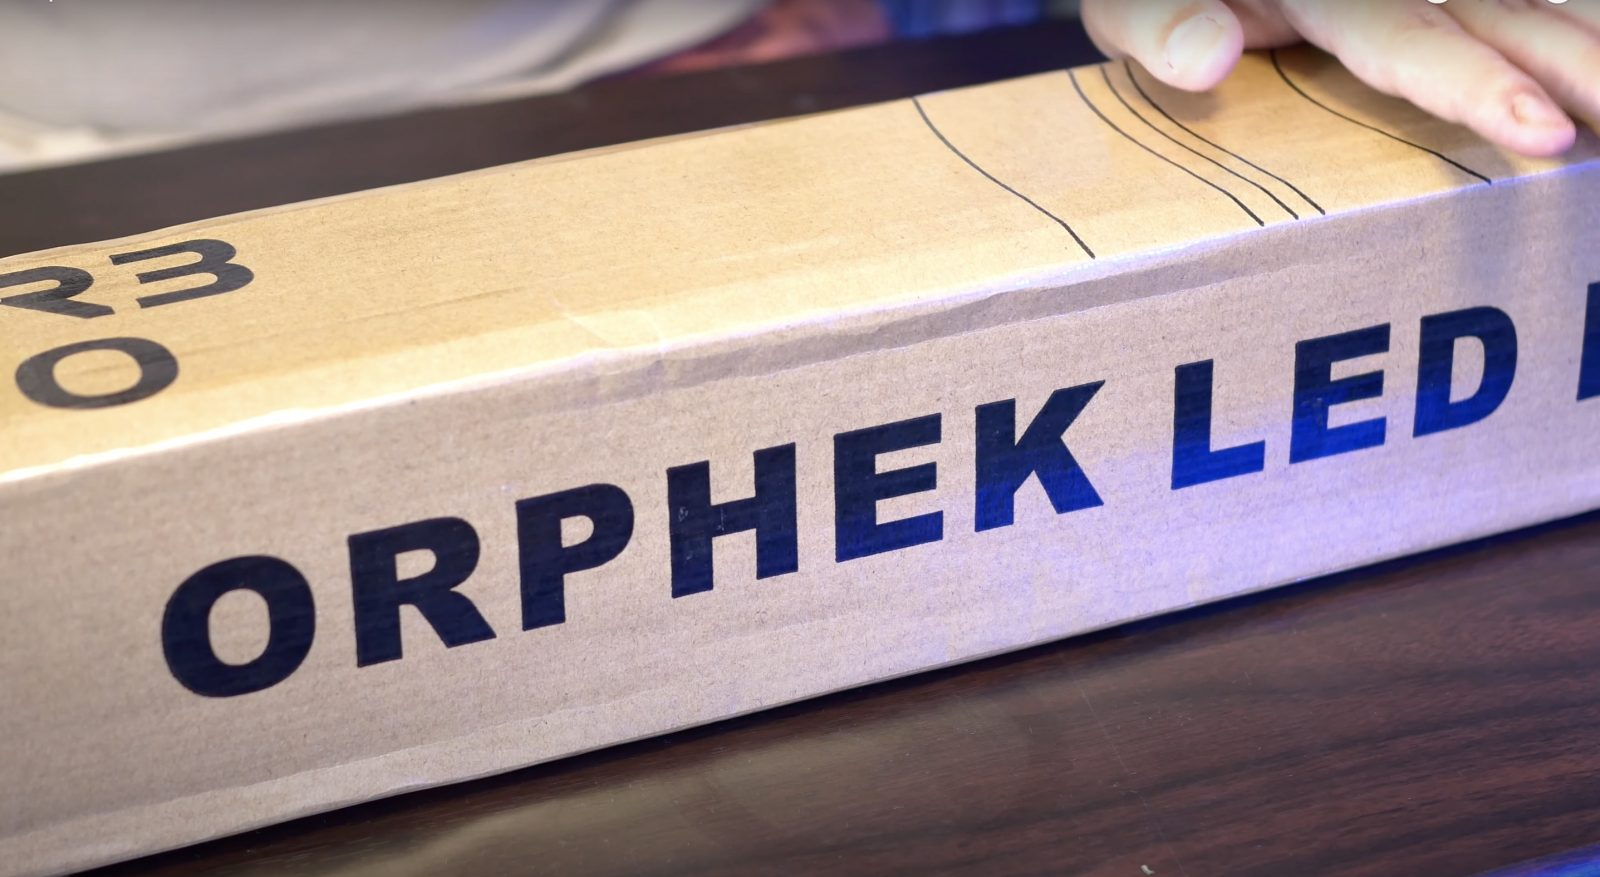 Orphek OR3 60 LED Bar Box Nahaufnahme